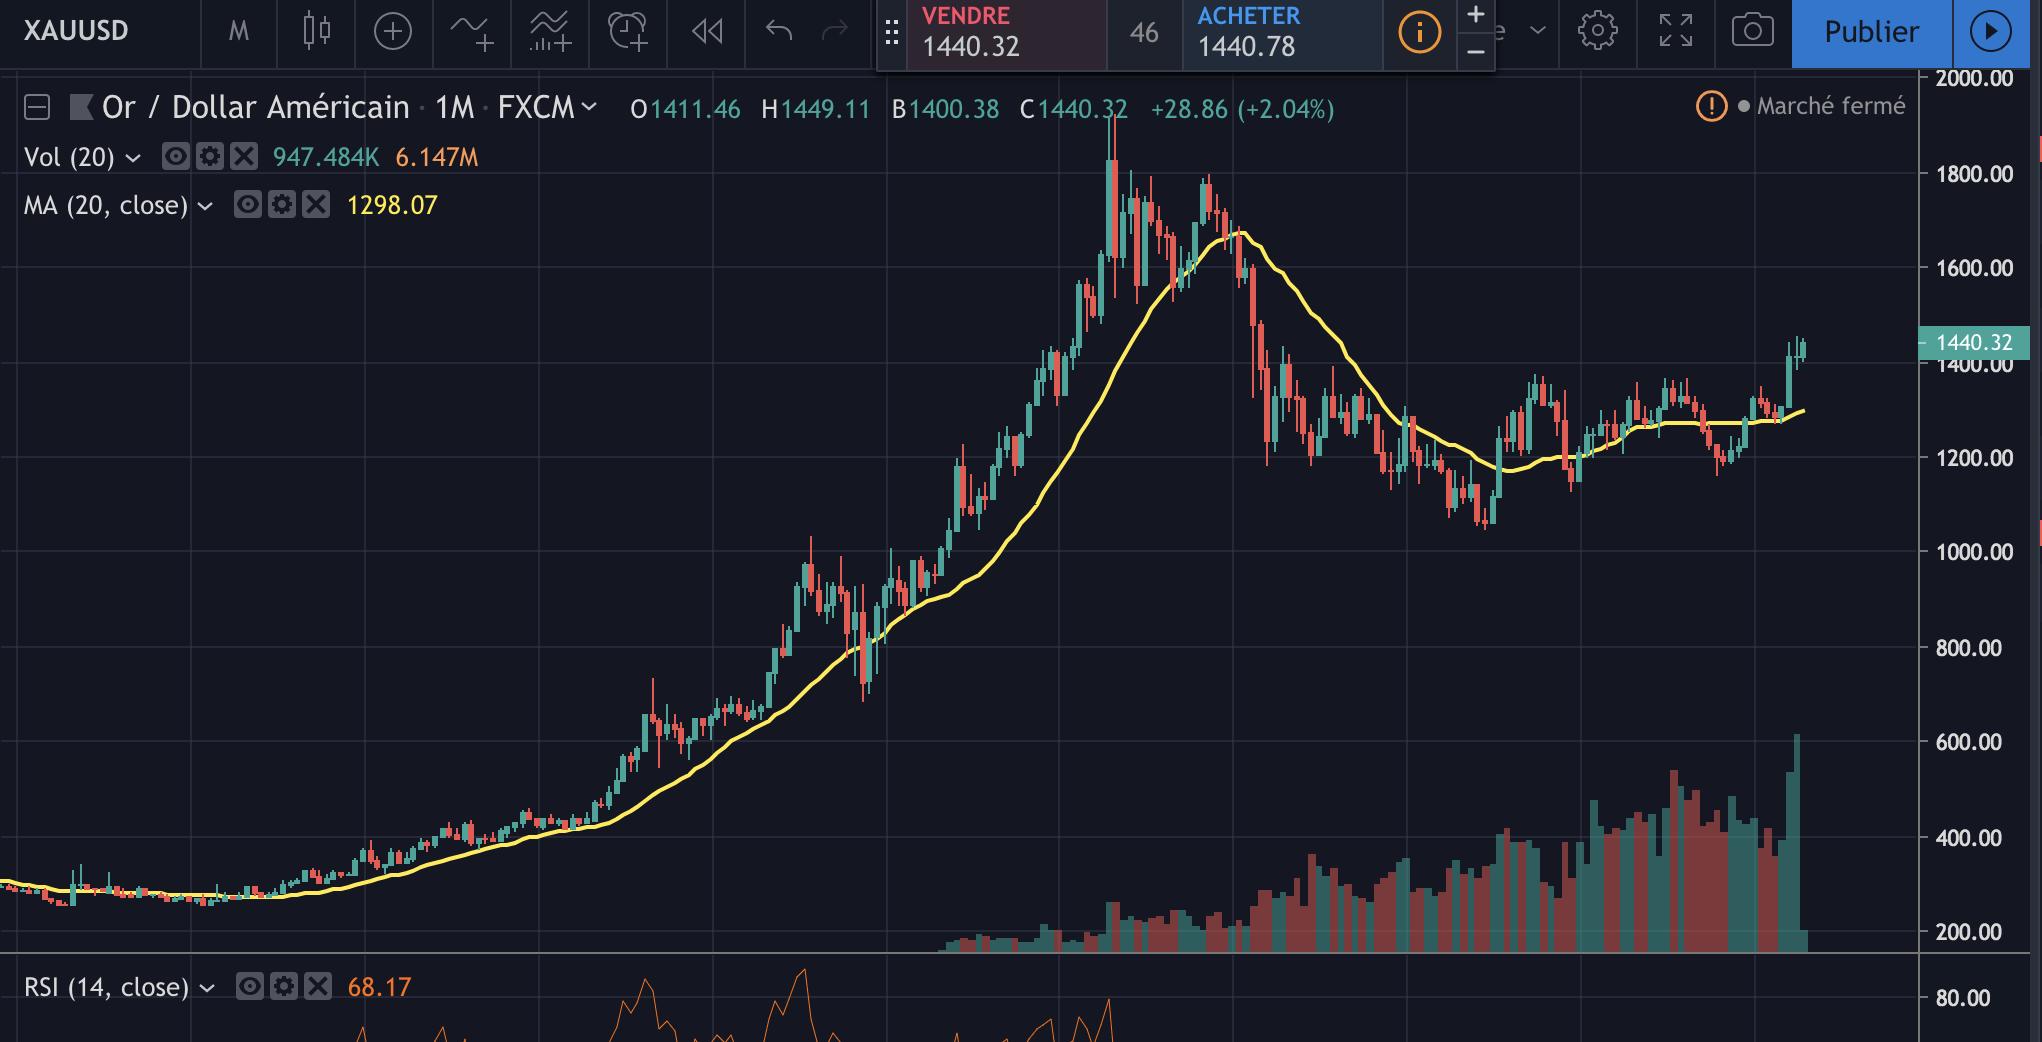 Le graphique de l'Or vs USD en unité monthly sur Trading View.